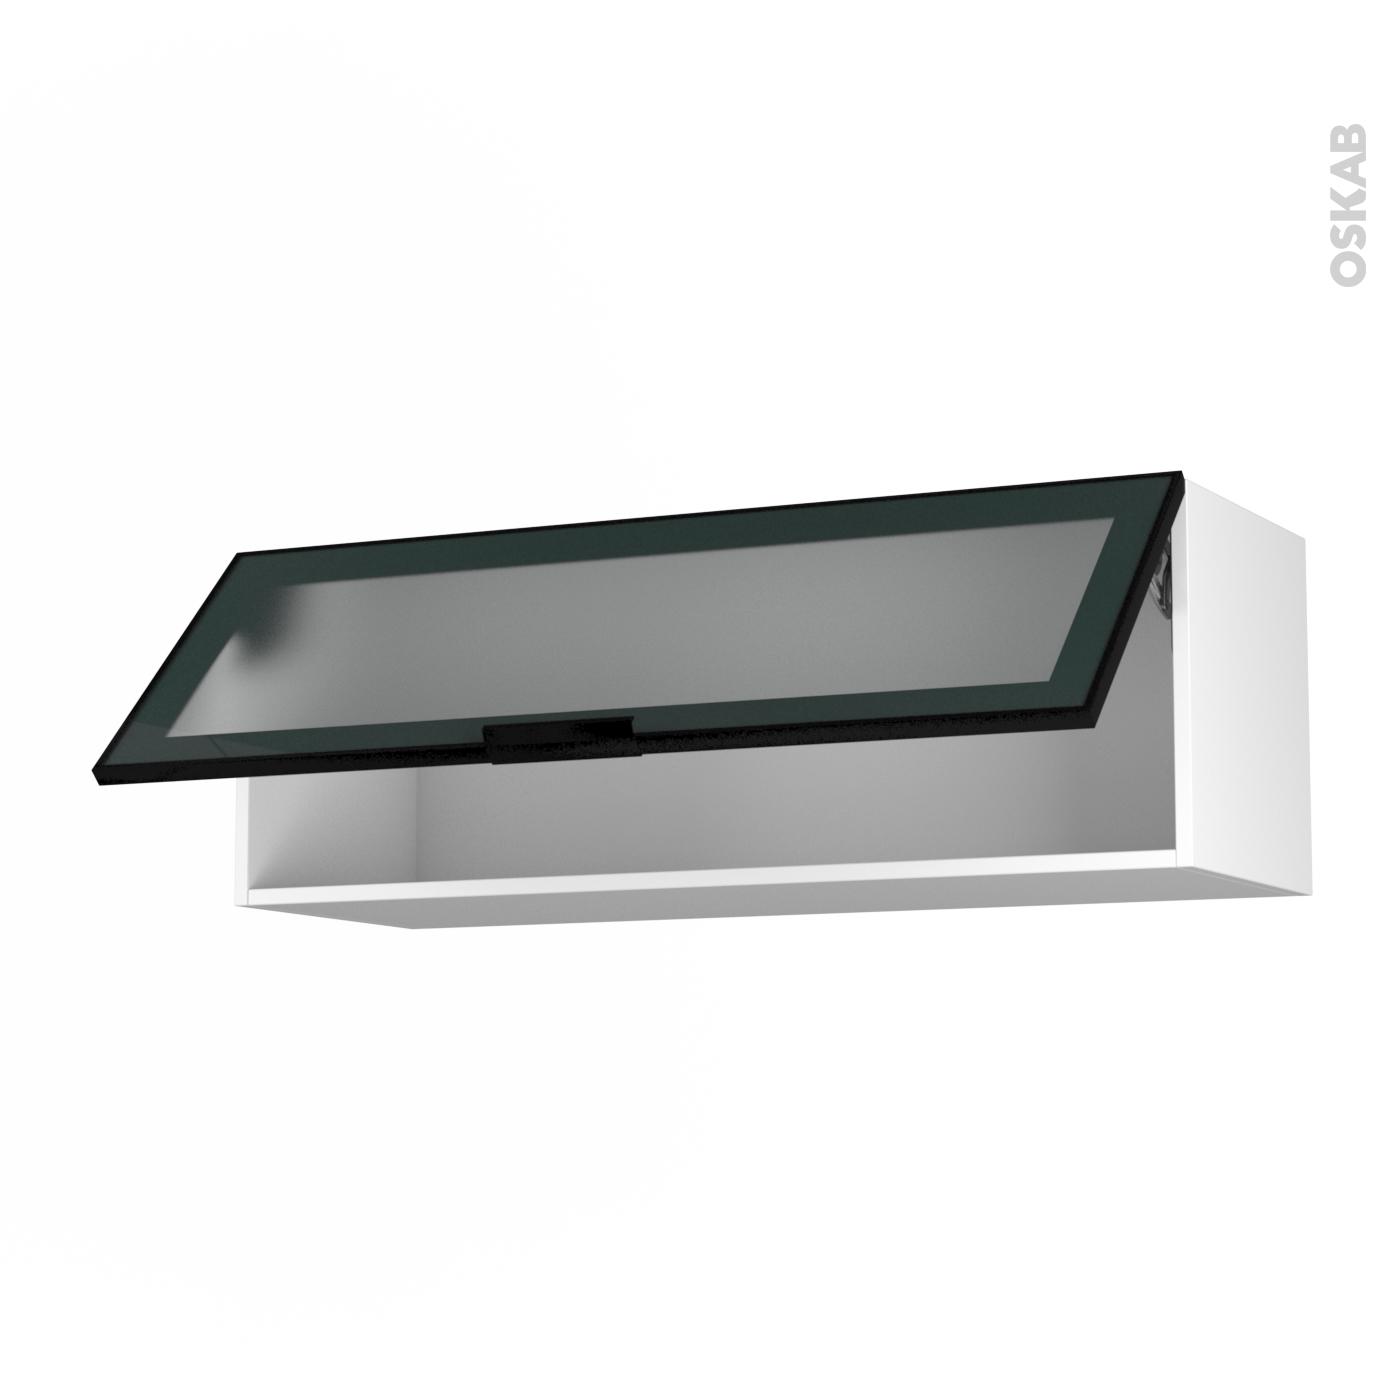 meuble de cuisine haut abattant vitre facade noire alu 1 porte l100 x h35 x p37 cm sokleo